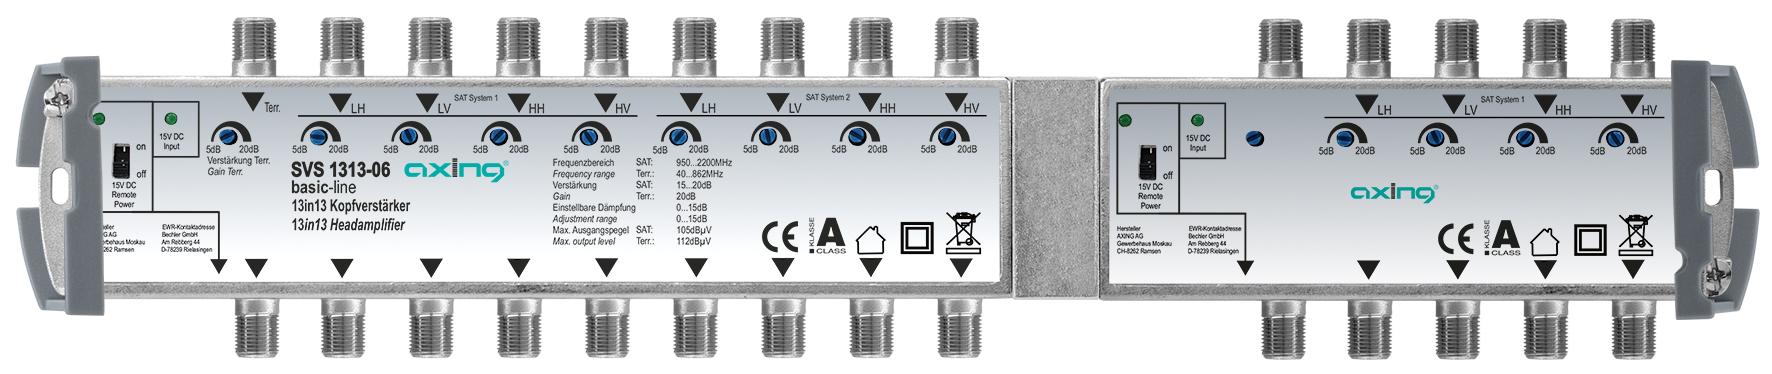 1 Stk Kopfverstärker, 13 in 13, SVS 1313-06 HSATSV1336